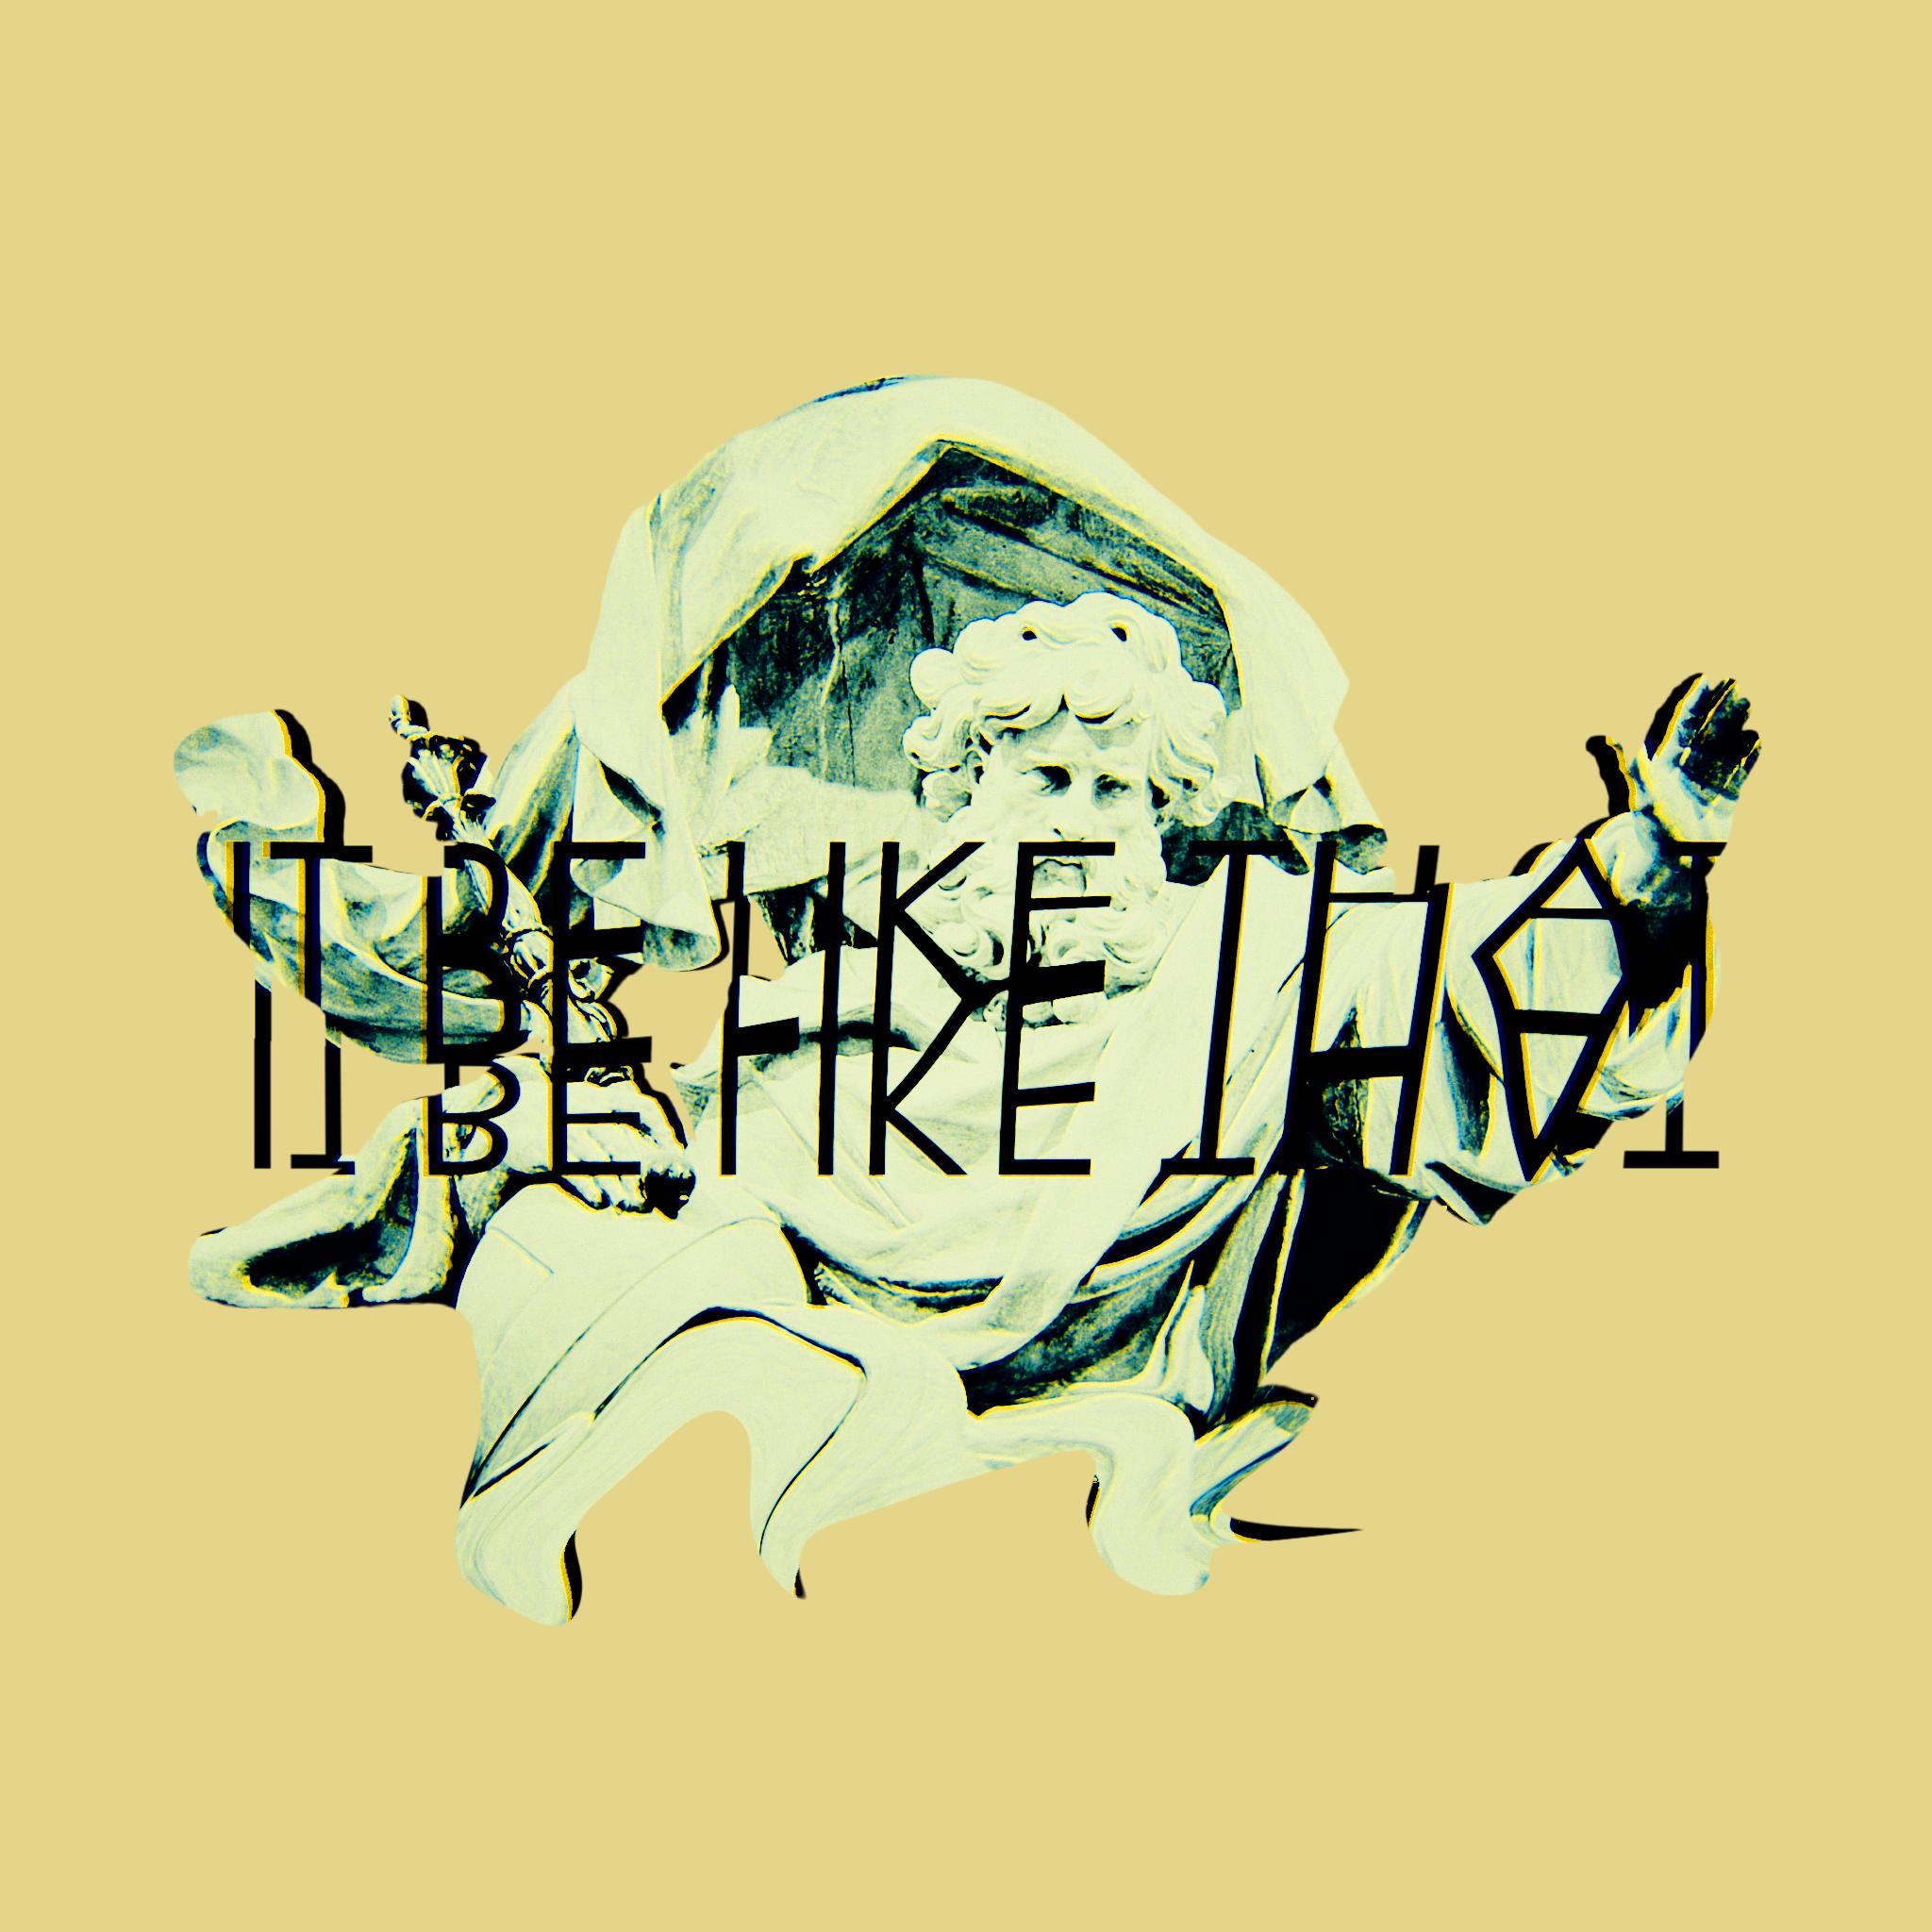 be_like_that_00001_00001.jpg